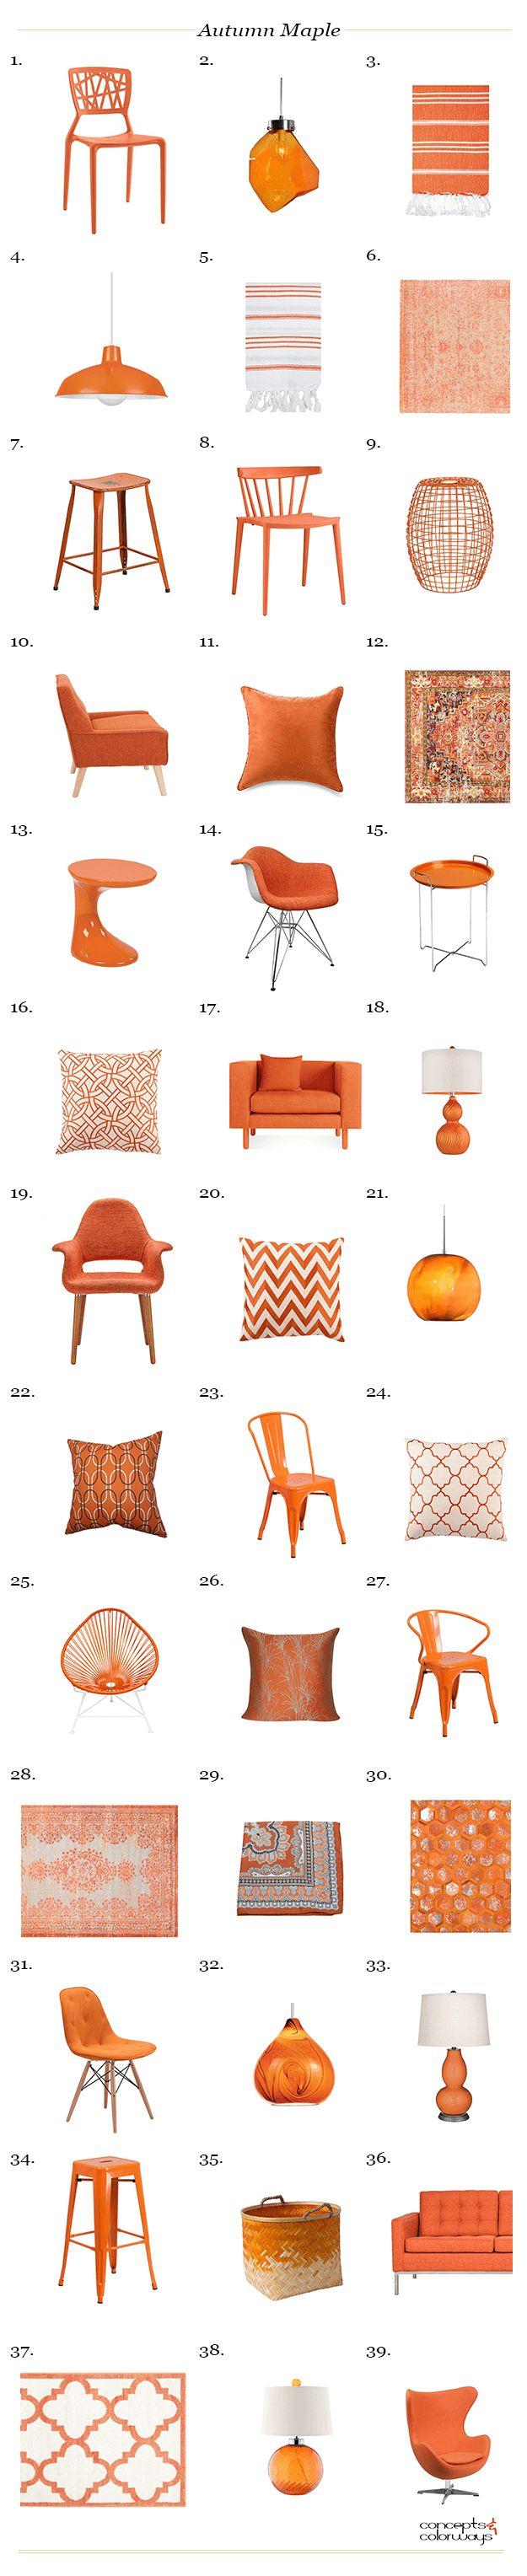 pantone autumn maple interior design product roundup, blood orange, burnt orange, reddish-orange, tangerine orange, pantone autumn maple, color for interiors, interior styling